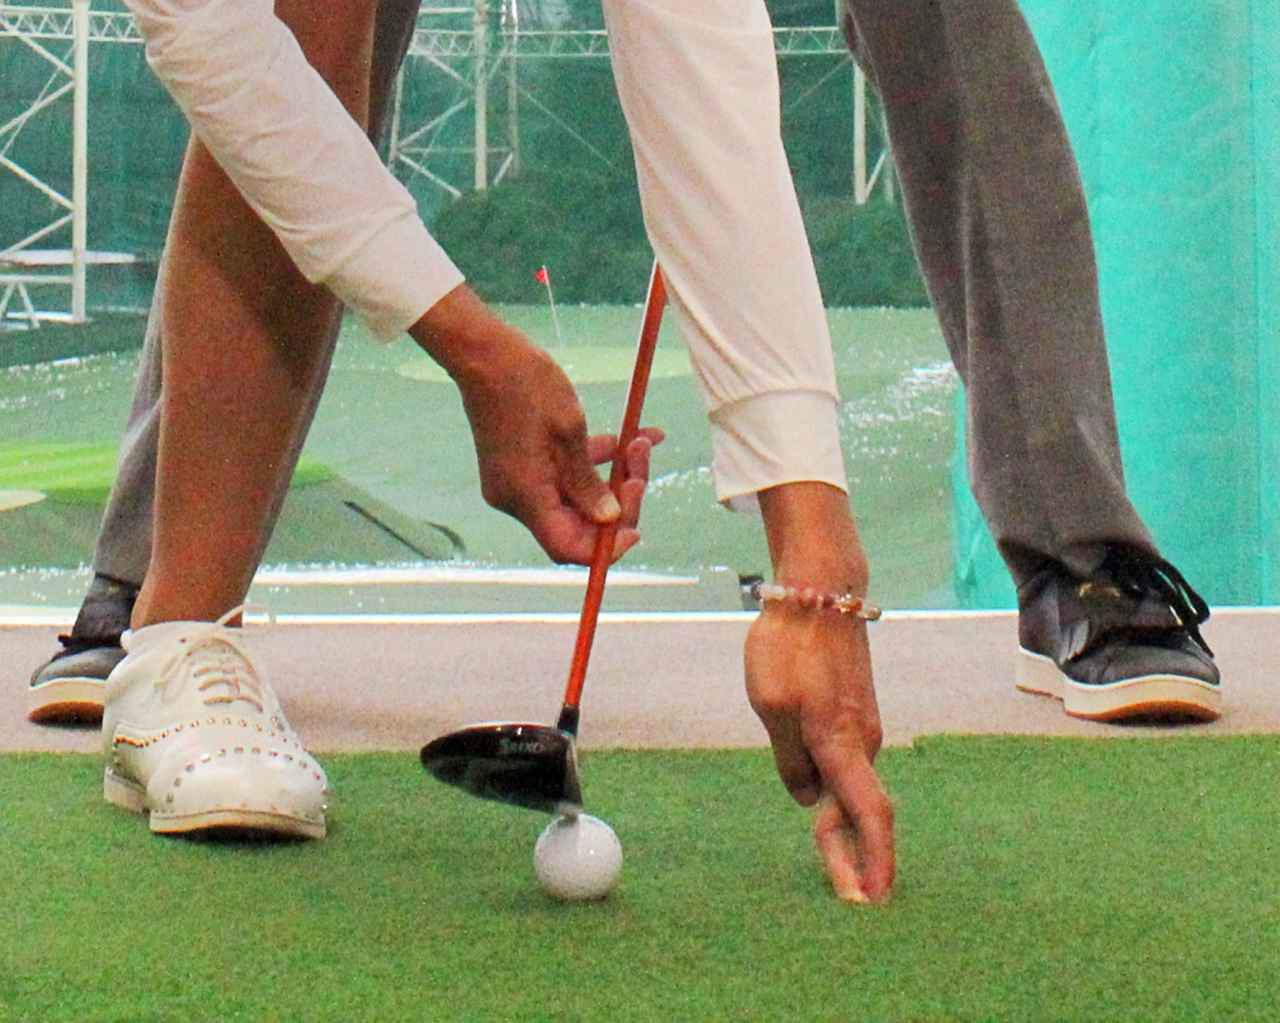 画像: ボール位置を真ん中、あるいはそれよりも右寄りにしてしまうと、クラブの最下点よりも手前でボールに当たってしまいチョロの原因につながる